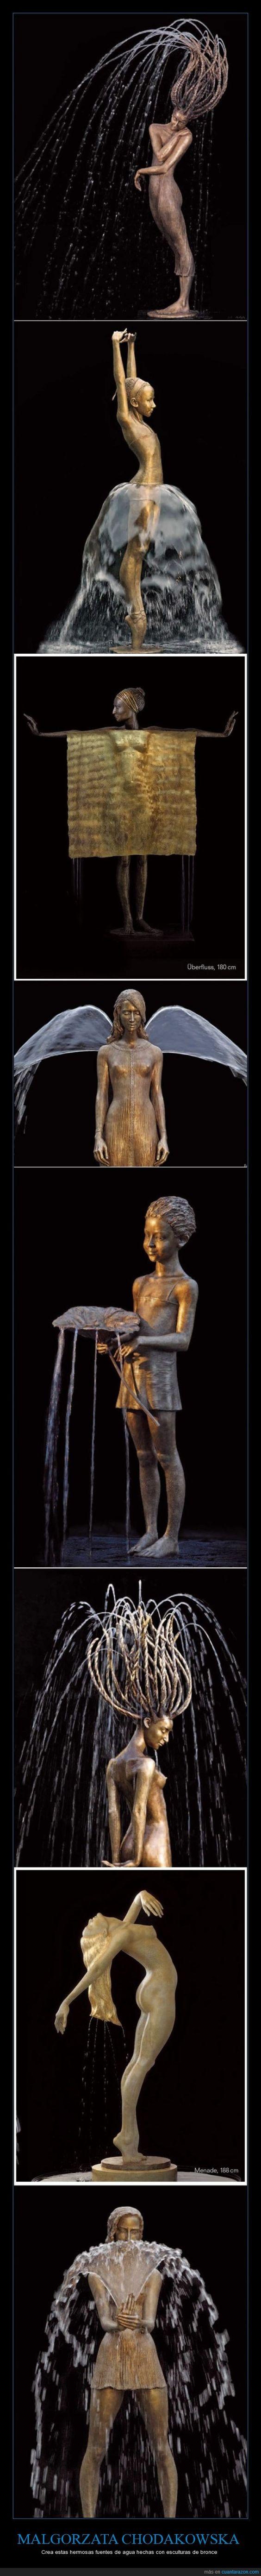 Malgorzata Chodakowska - Crea estas hermosas fuentes de agua hechas con esculturas de bronce